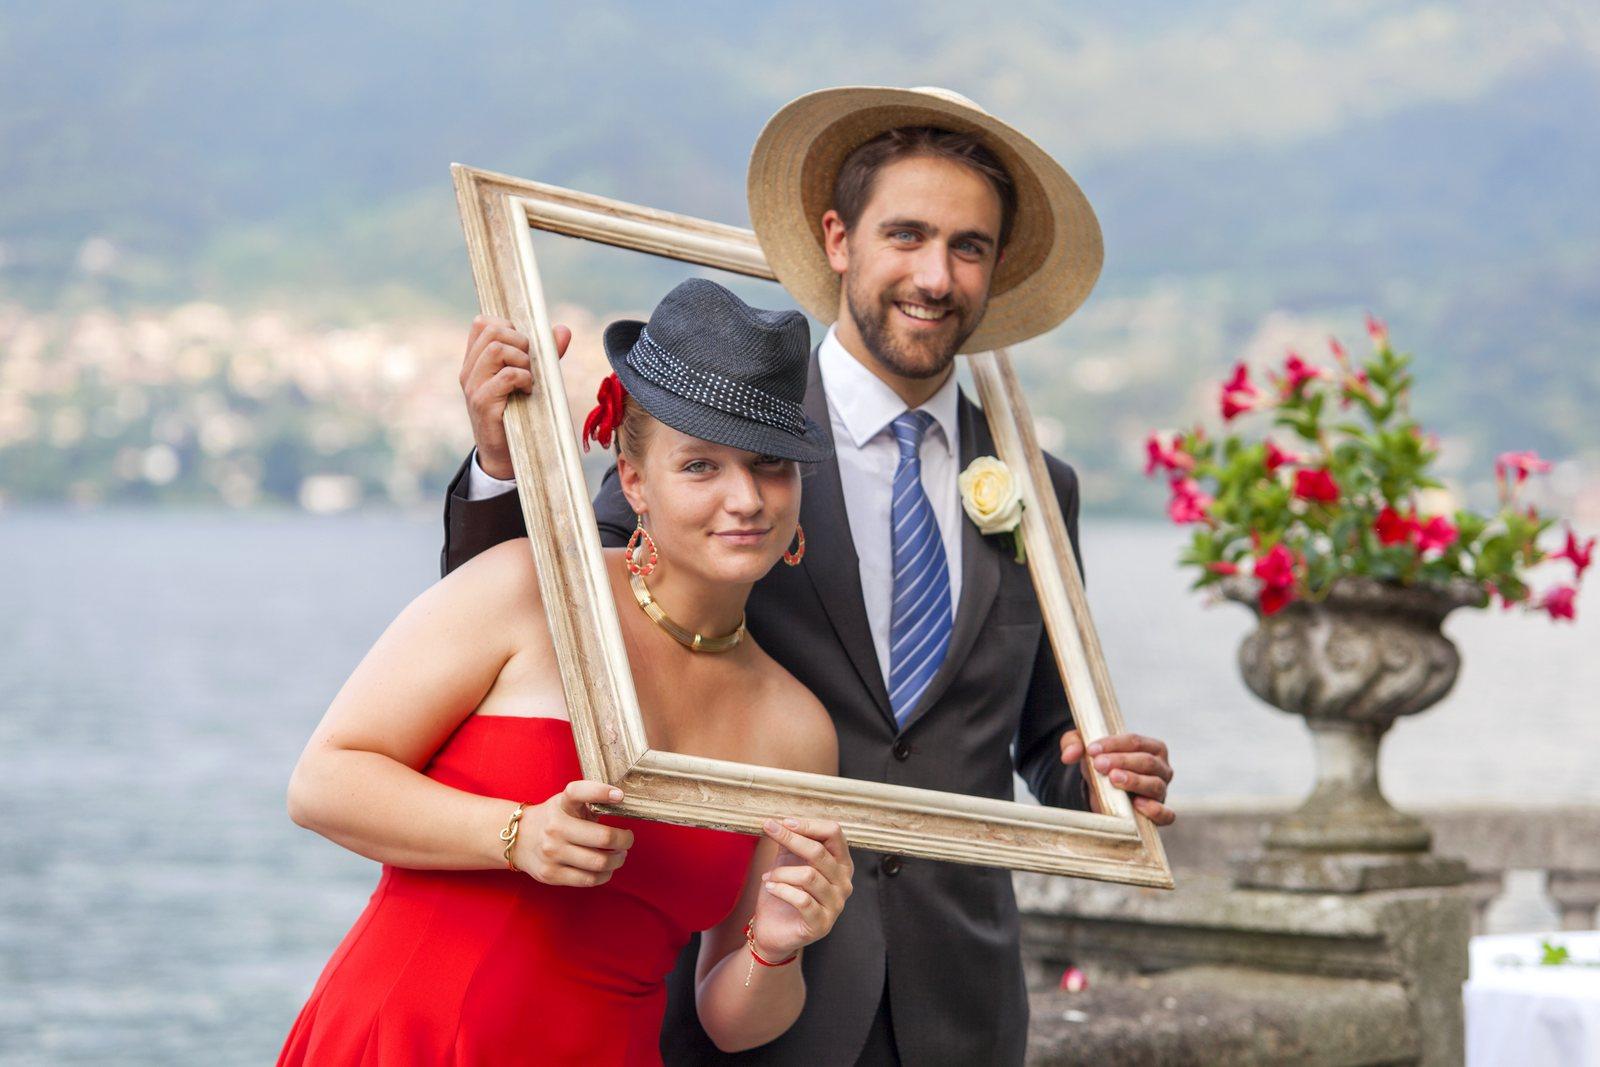 wedding photobooth in villa corte del lago